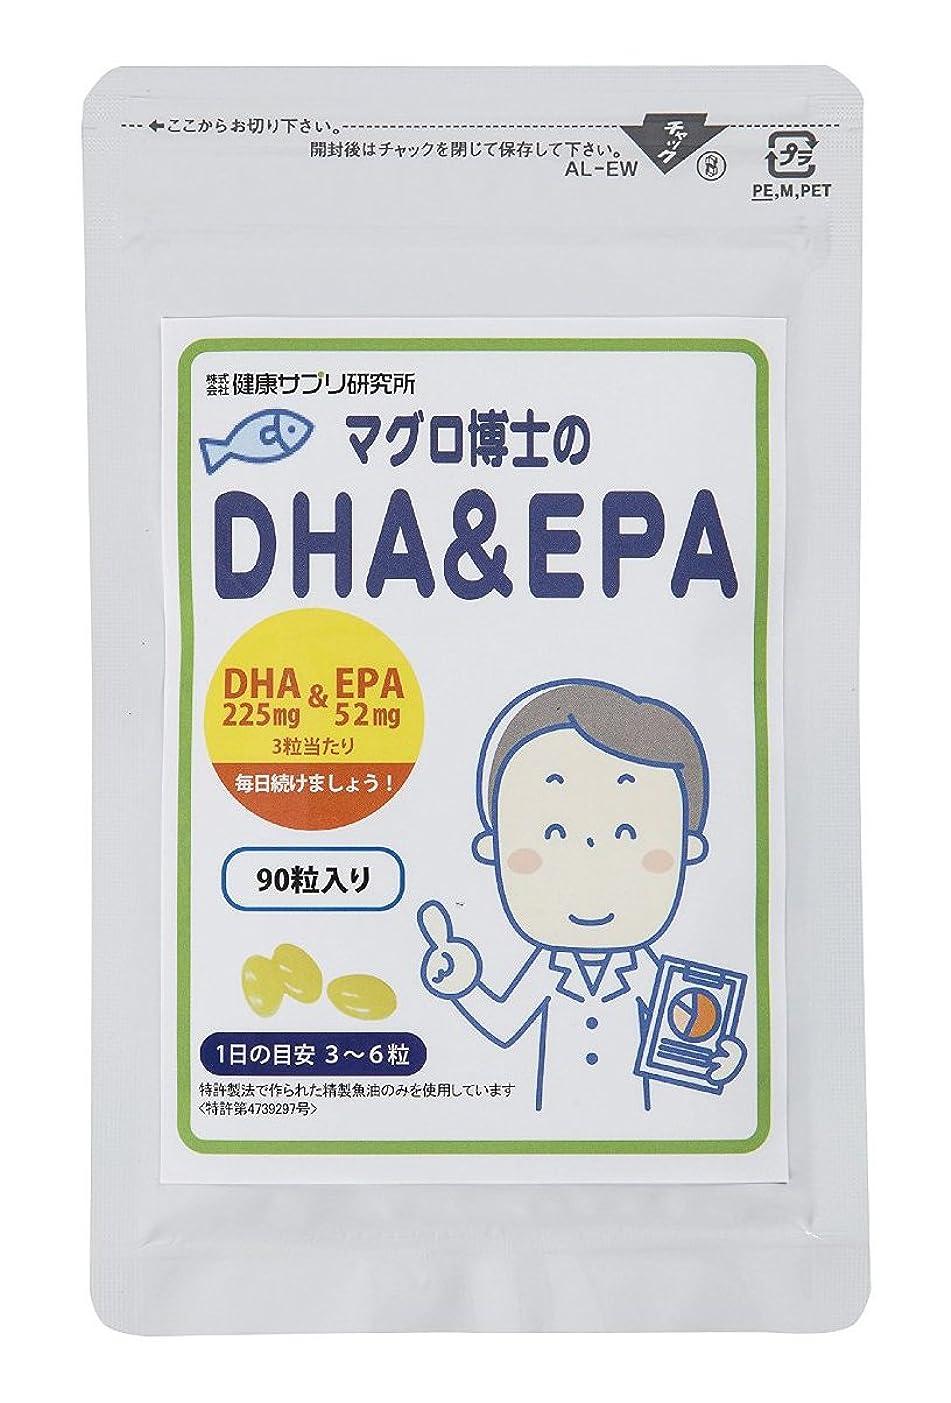 急性プレミアダイアクリティカル健康サプリ研究所 マグロ博士のDHA&EPA 90粒【 DHA EPA】3粒でお刺身約2~2人前のDHA?EPAを摂取